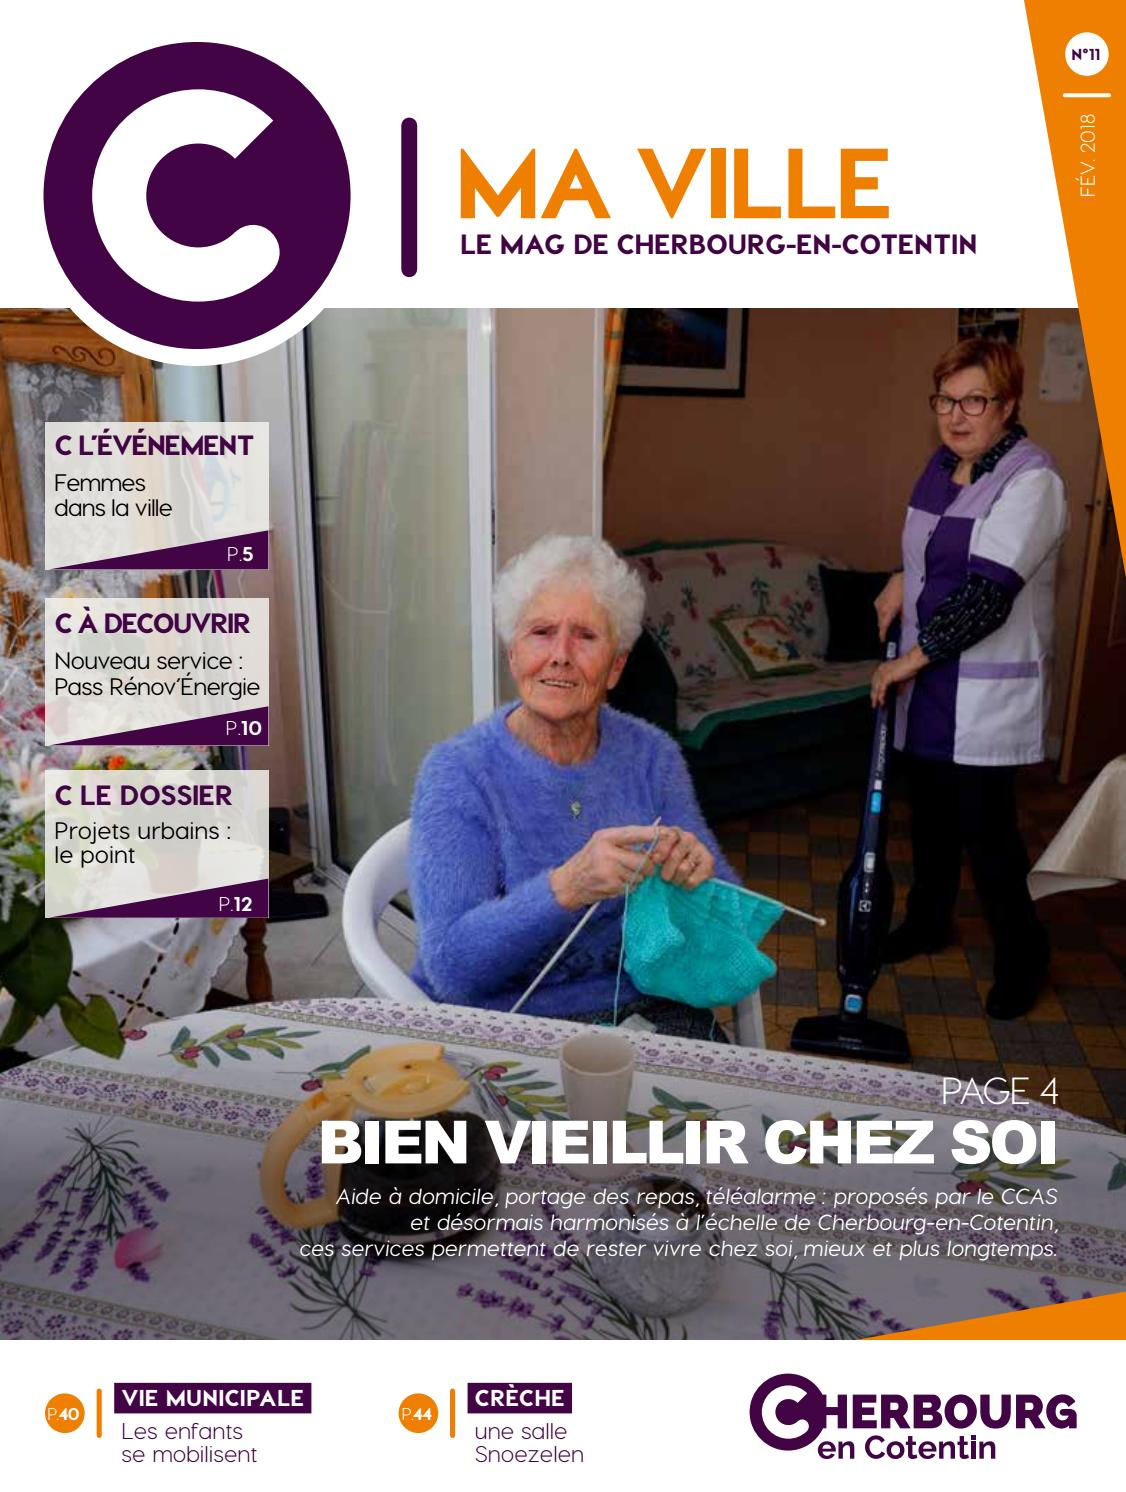 C MA VILLE  11 - le mag de Cherbourg-en-Cotentin by Ville de  Cherbourg-en-Cotentin - service communication - issuu 3c4f9f19326